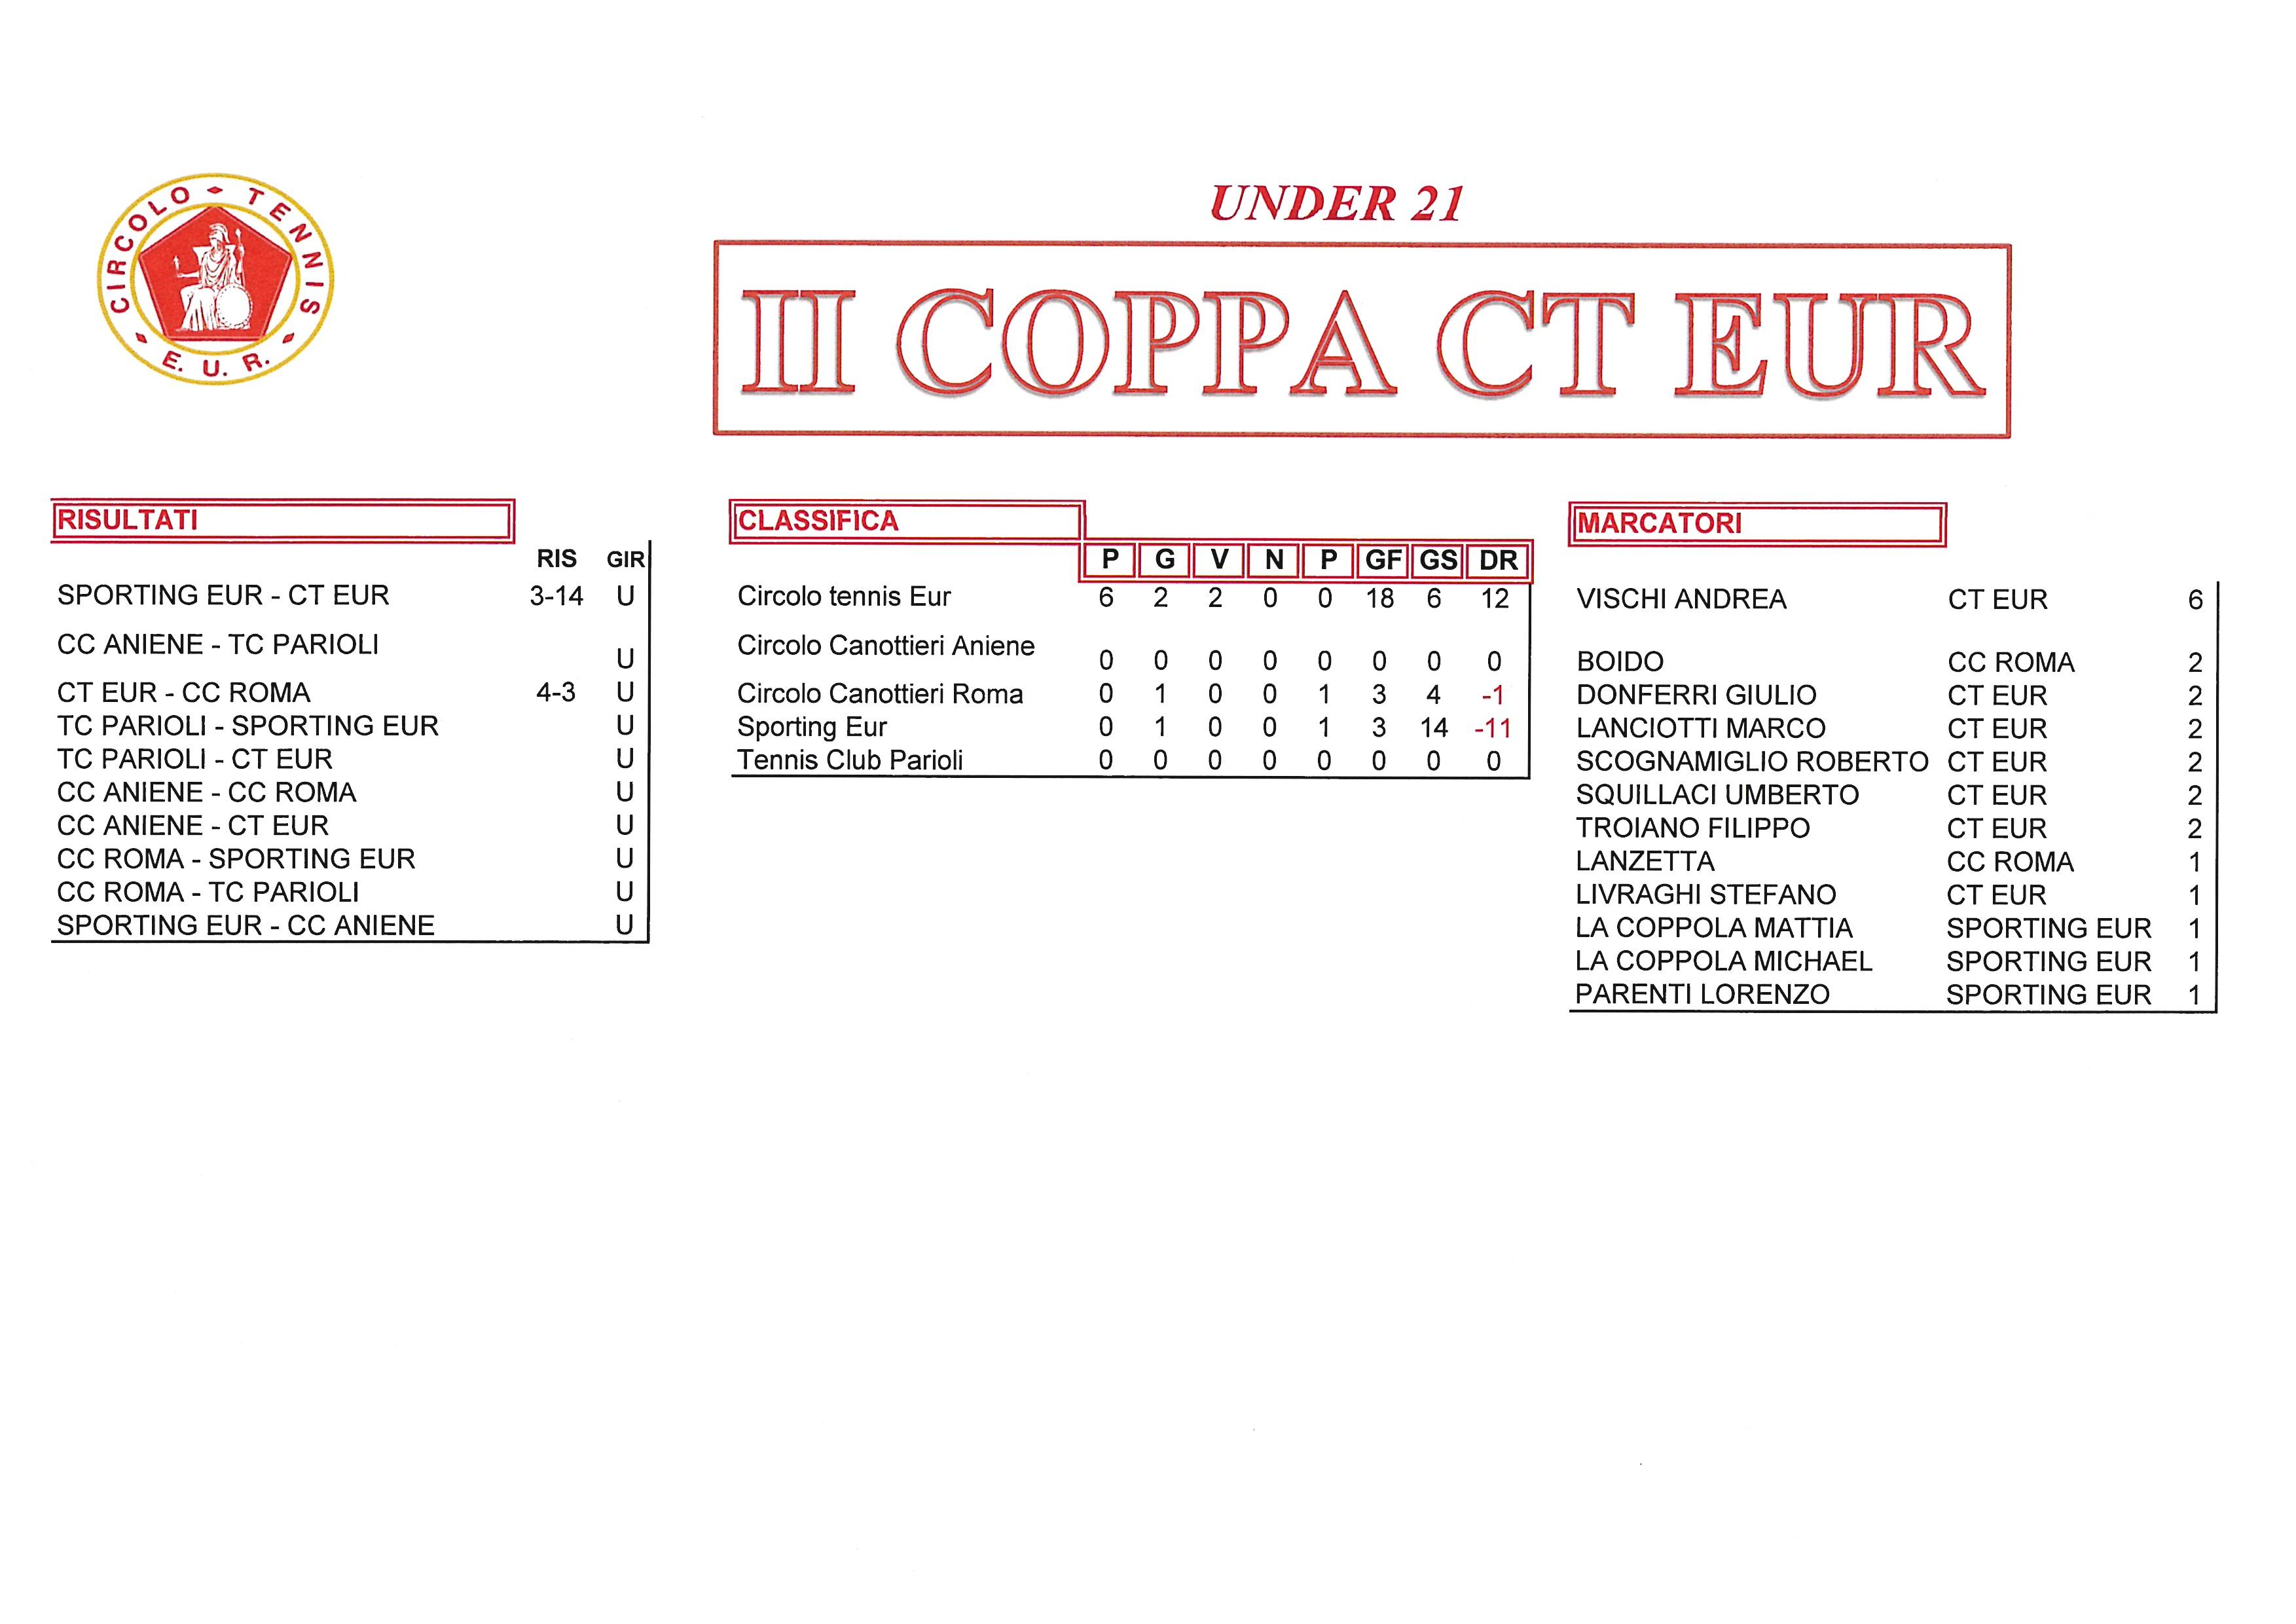 Coppa CT Eur risultati del 25 settembre2017 under 21